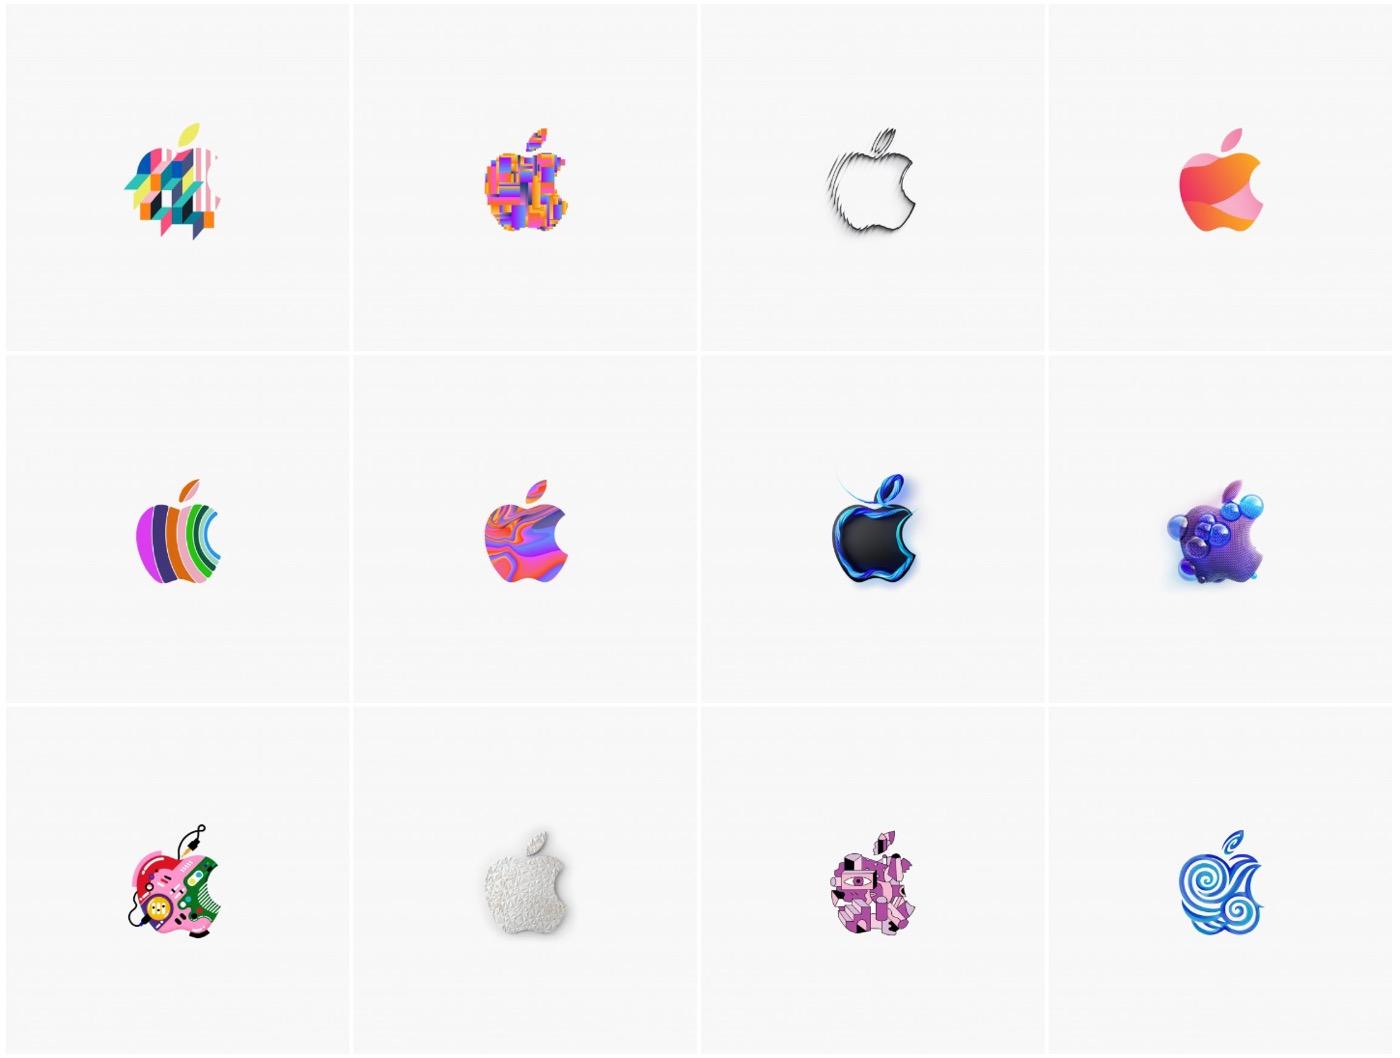 10月30日の発表イベントのappleロゴ画像 全371種類 が壁紙に Iphone Ipad Mac版がダウンロード可能 気になる 記になる